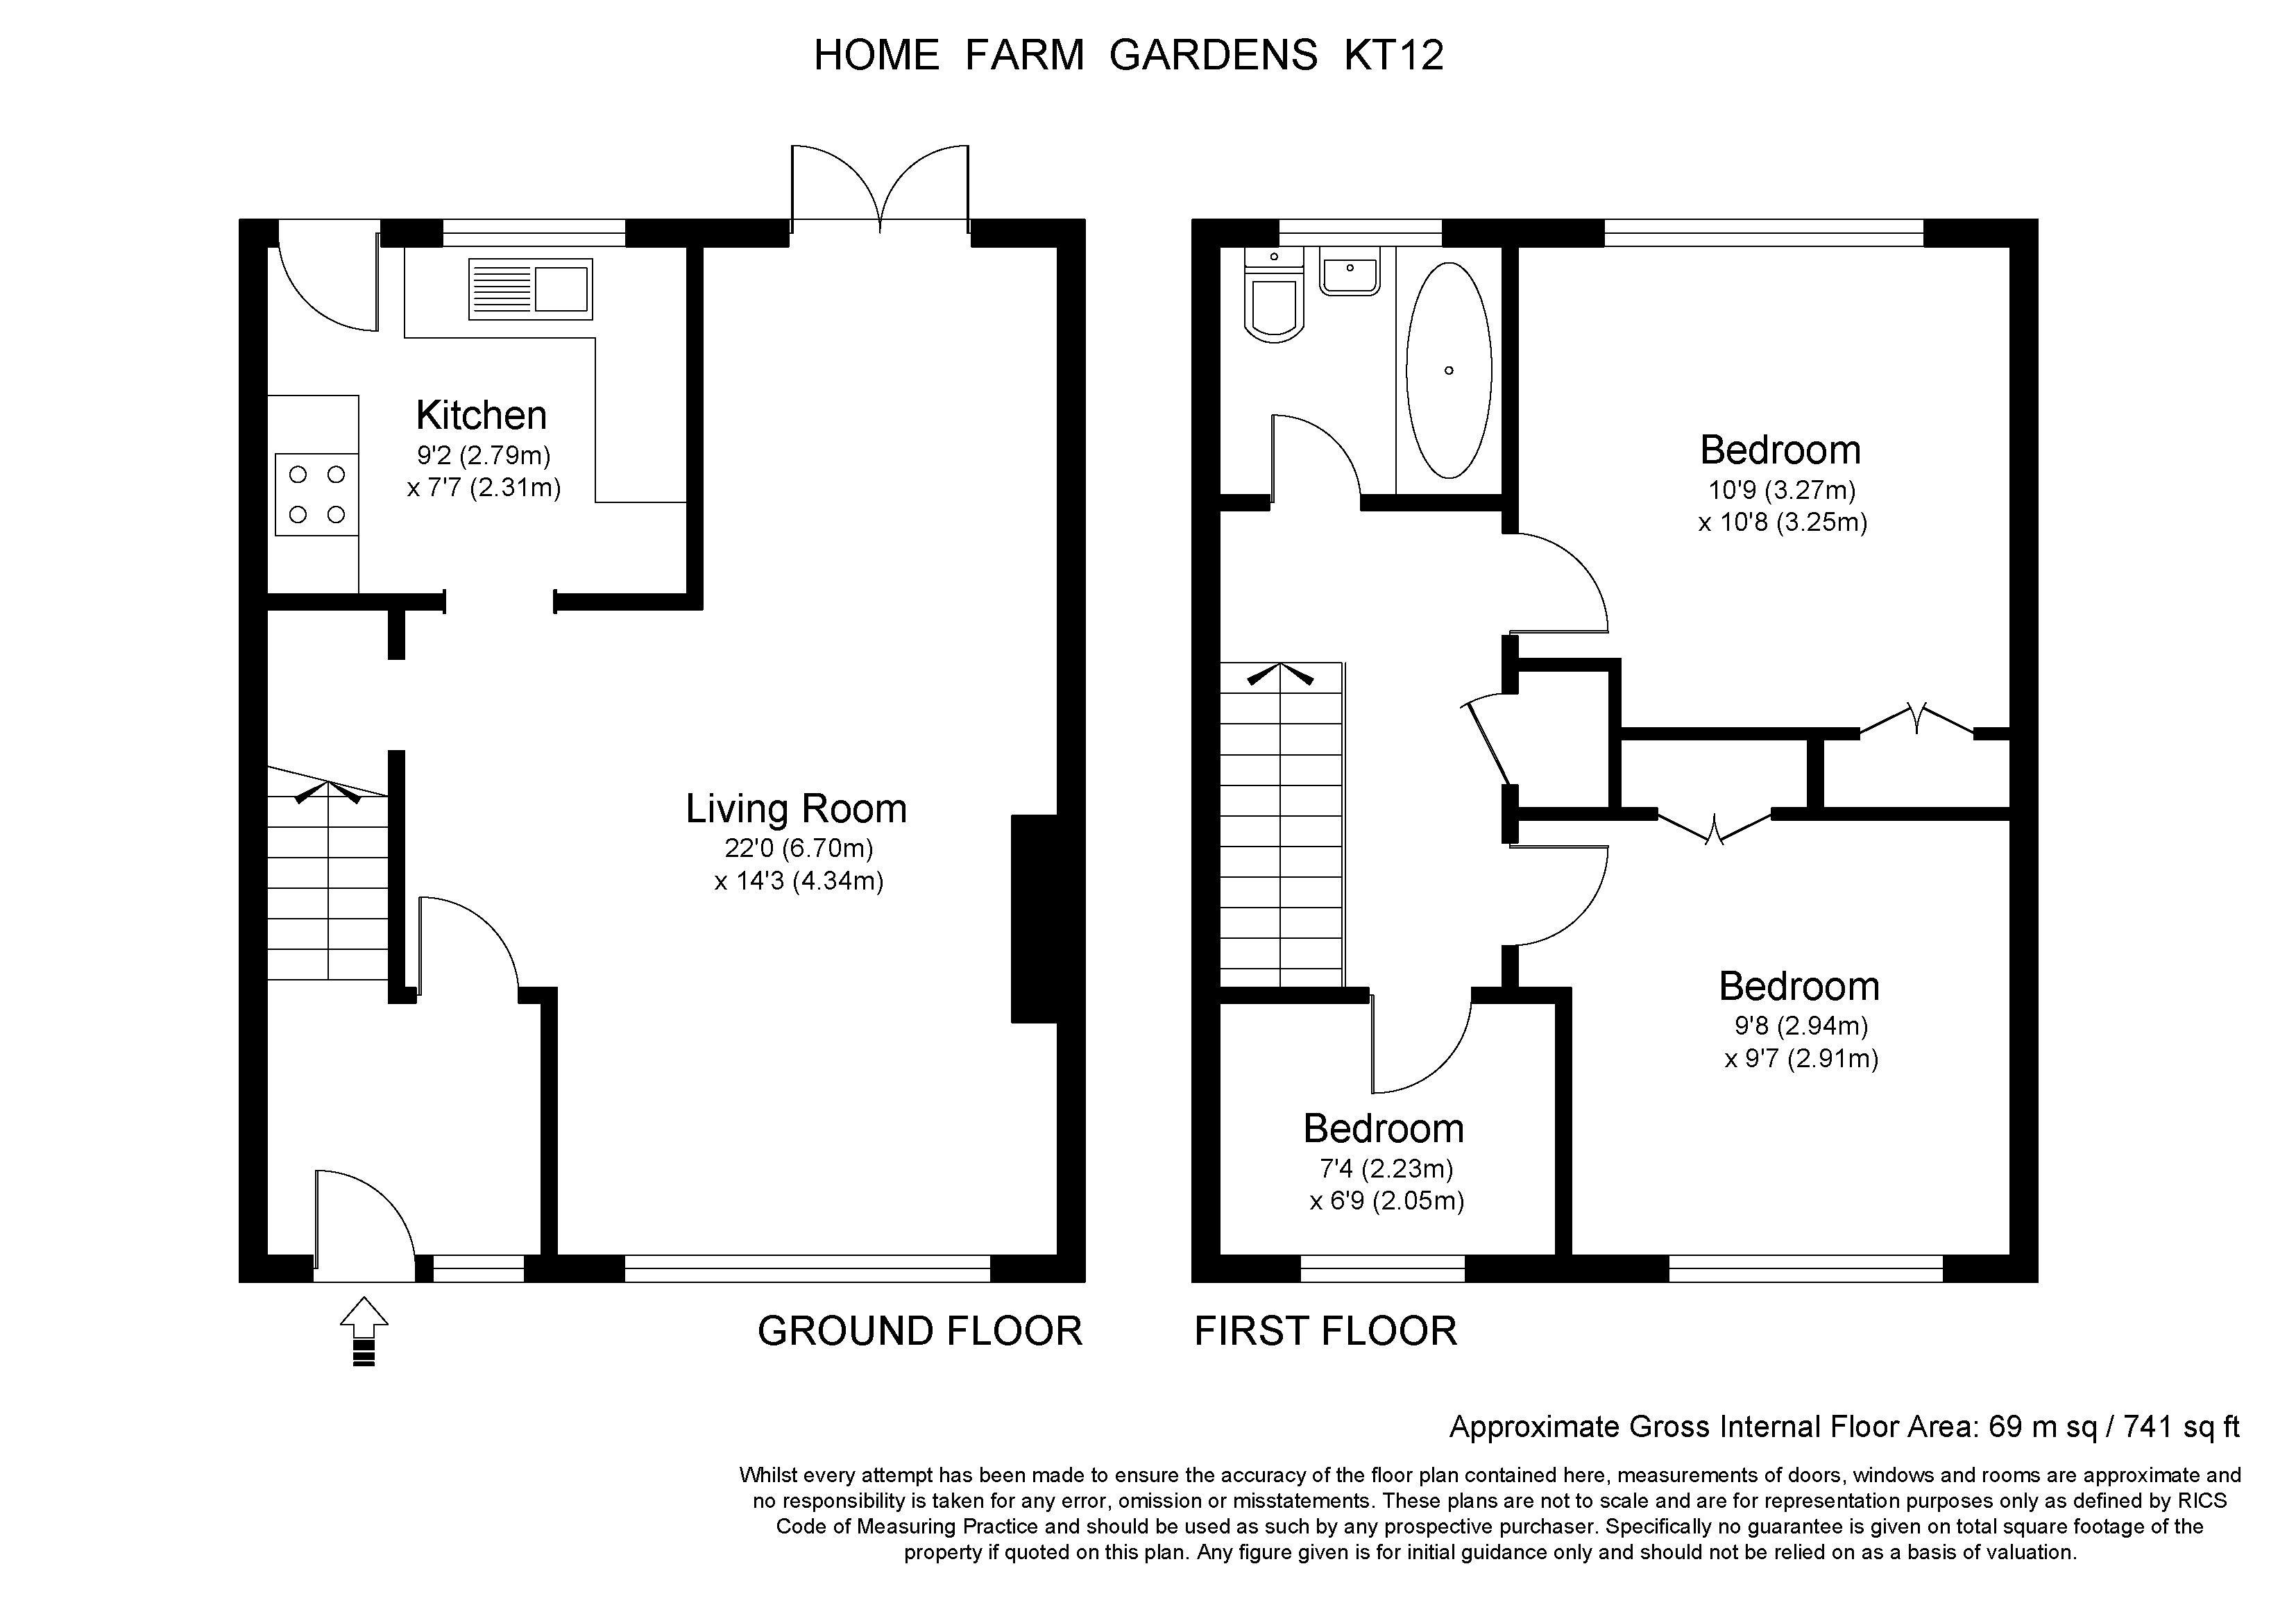 Home Farm Gardens